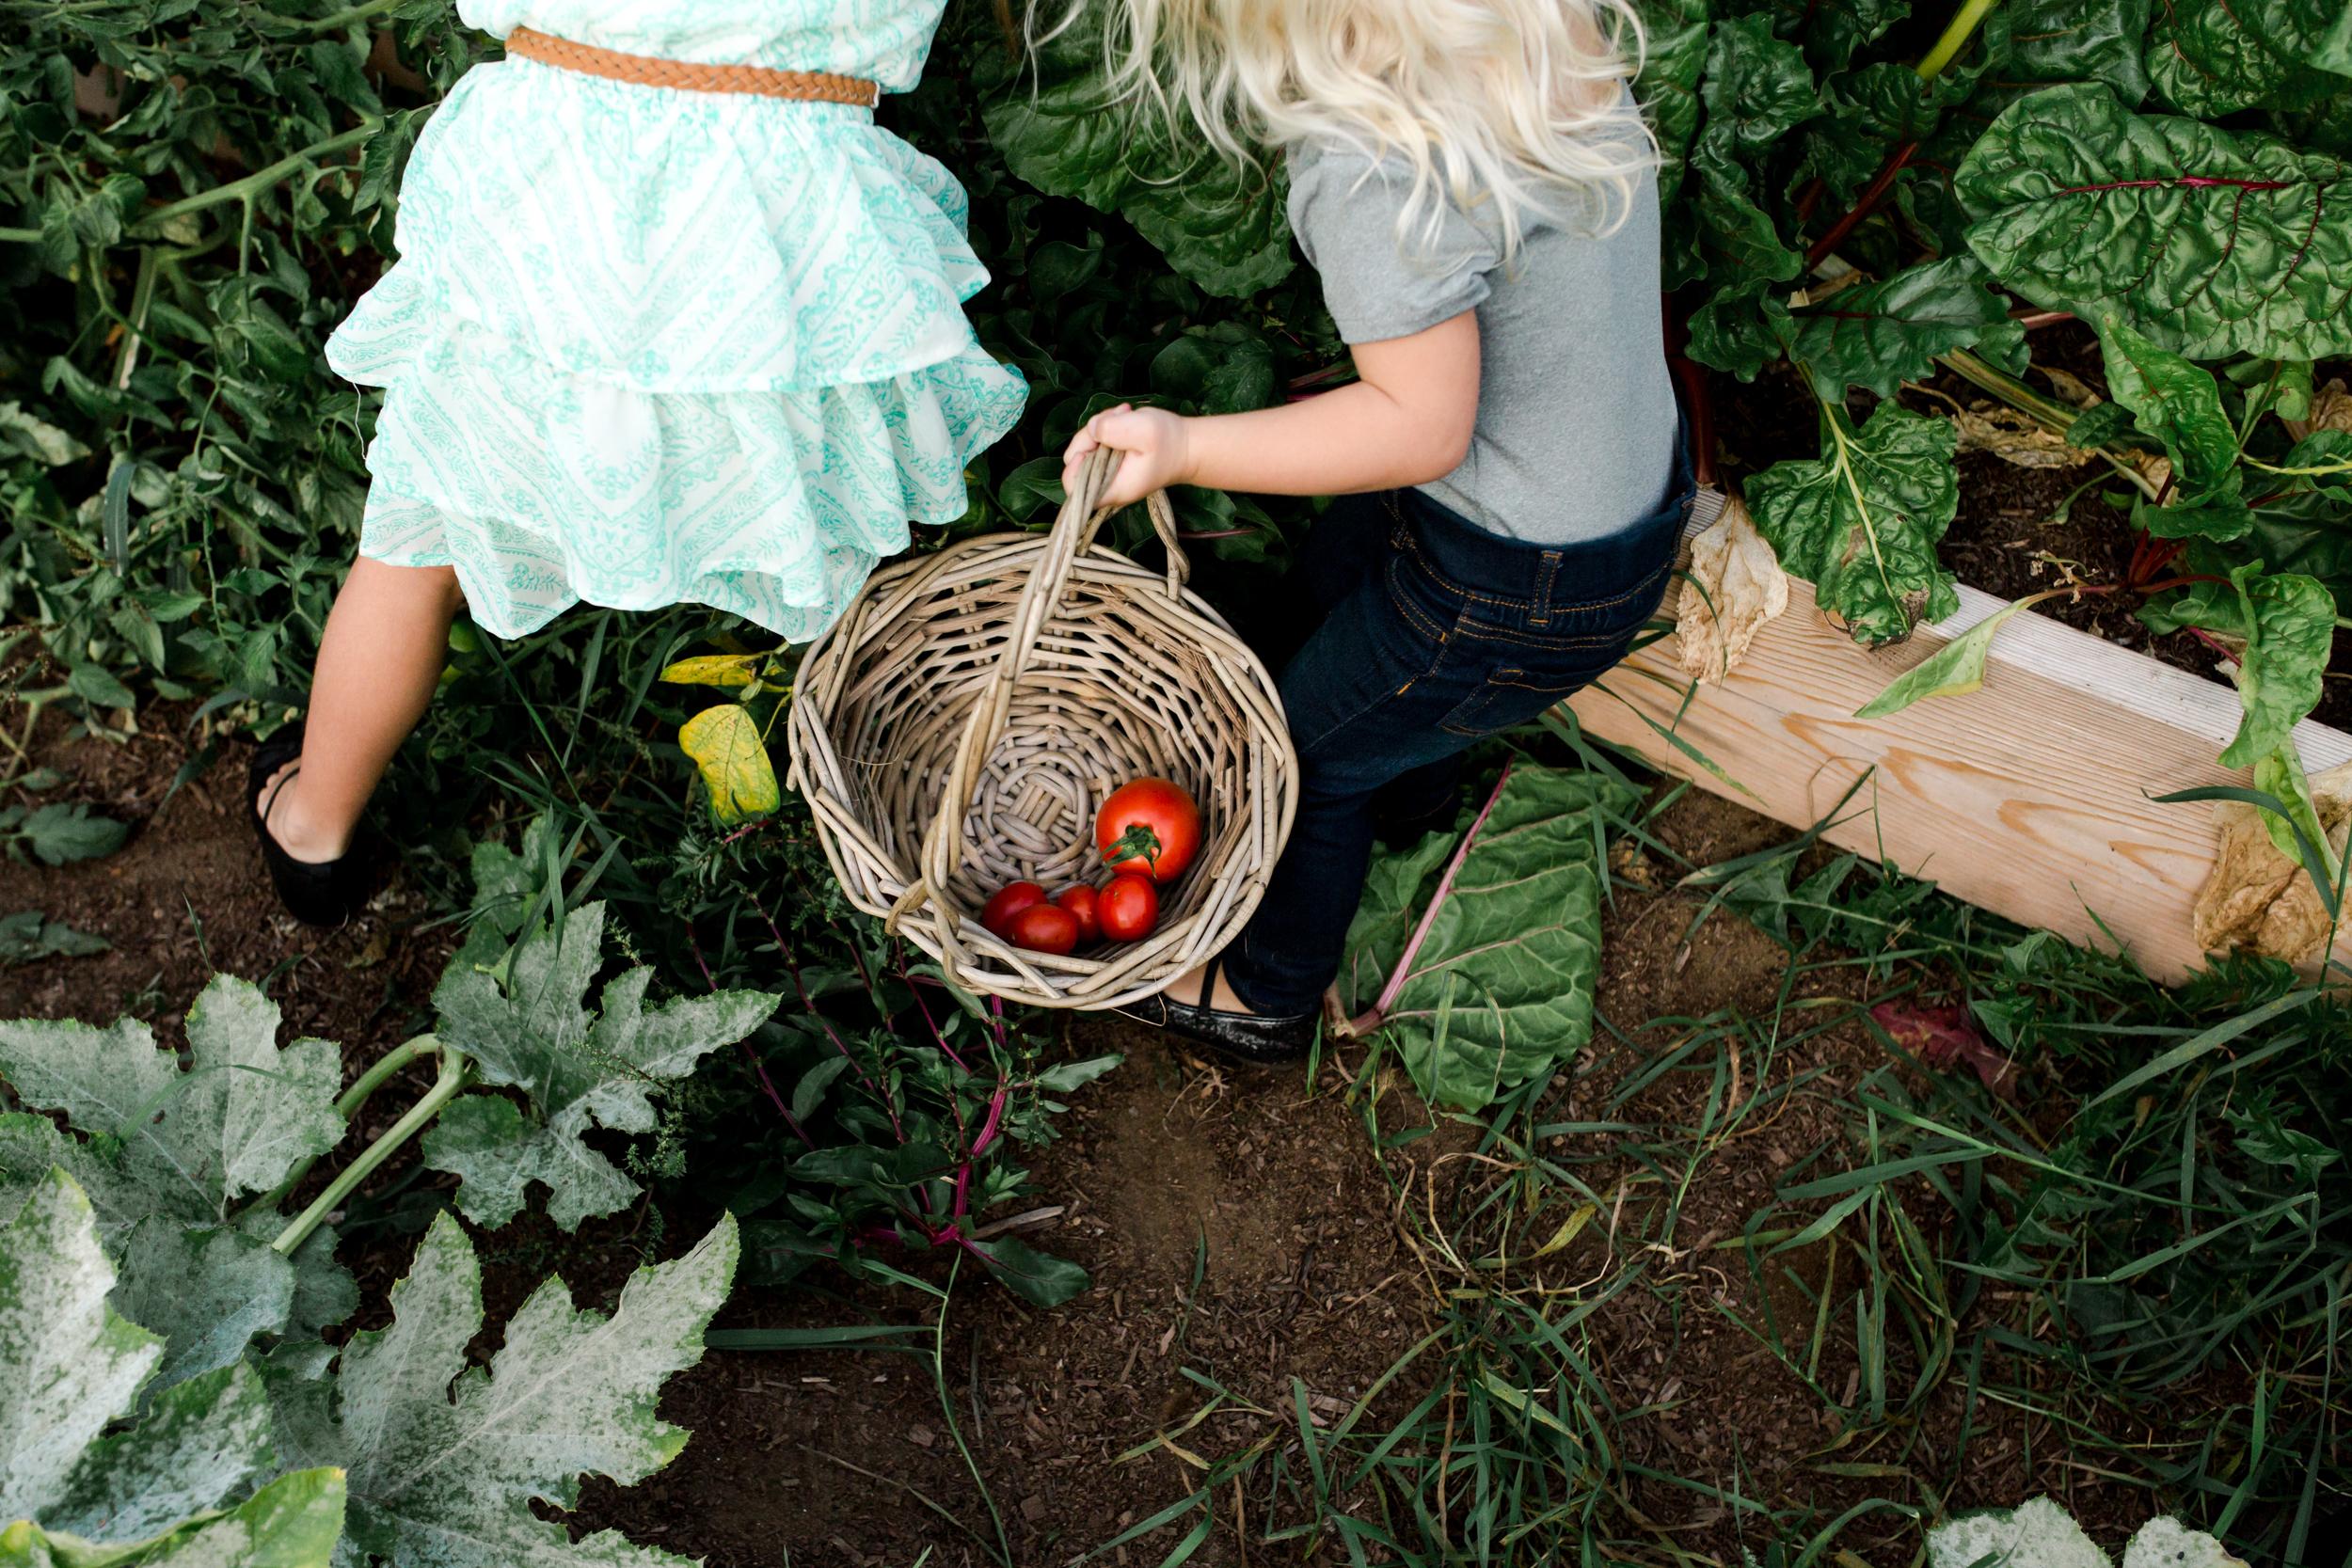 family-documentary-photography-fraser-valley-ott-013.jpg